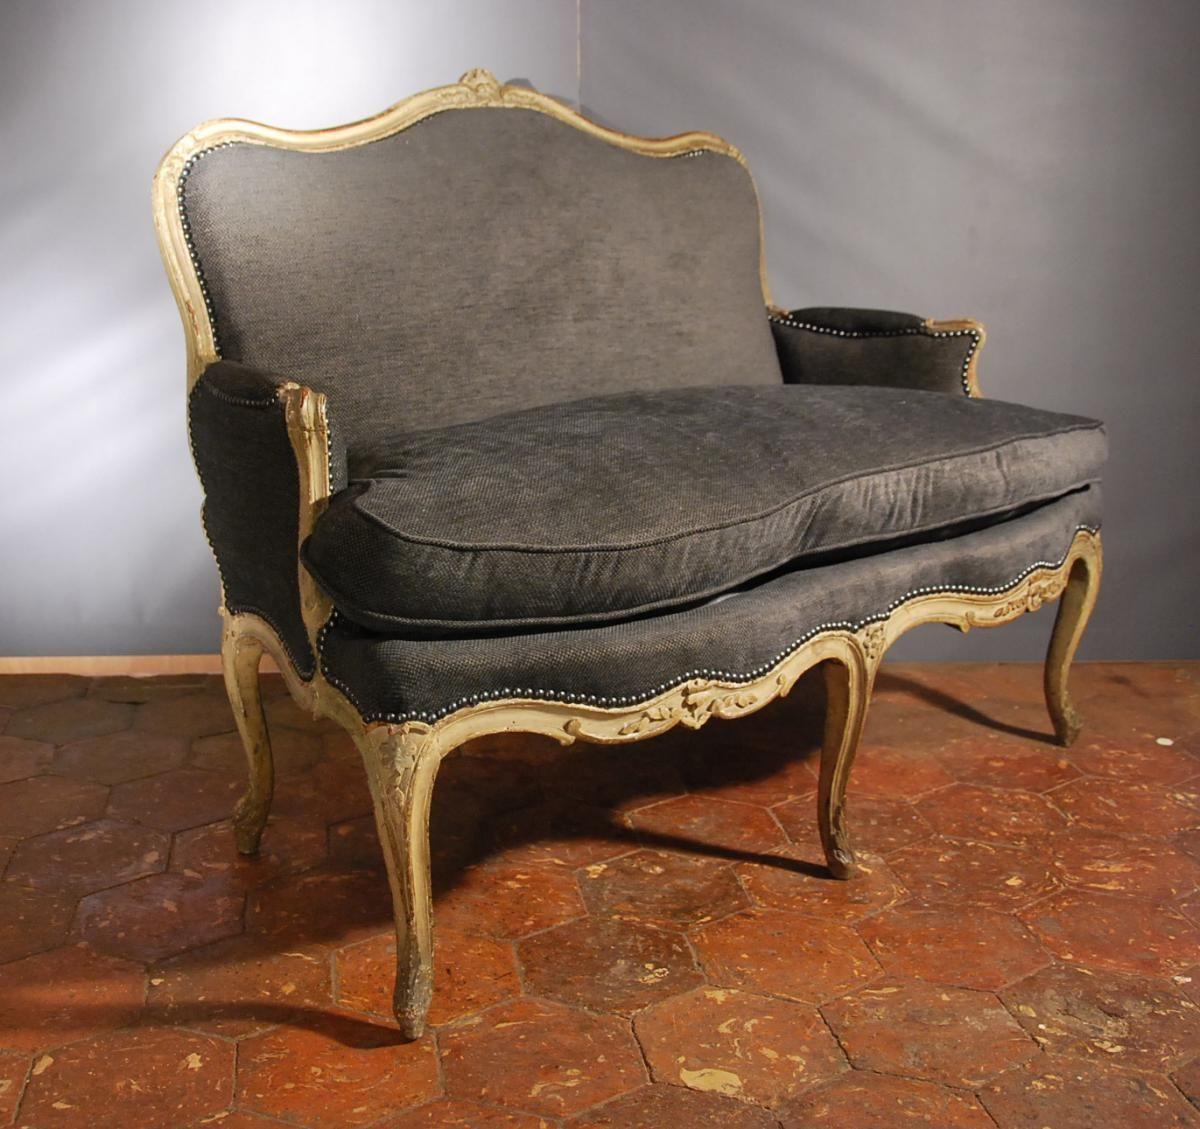 Canape Epoque Louis Xv 18eme Siecle Banquettes Canapes Sur Idees De Meubles Mobilier De Salon Canape Vintage